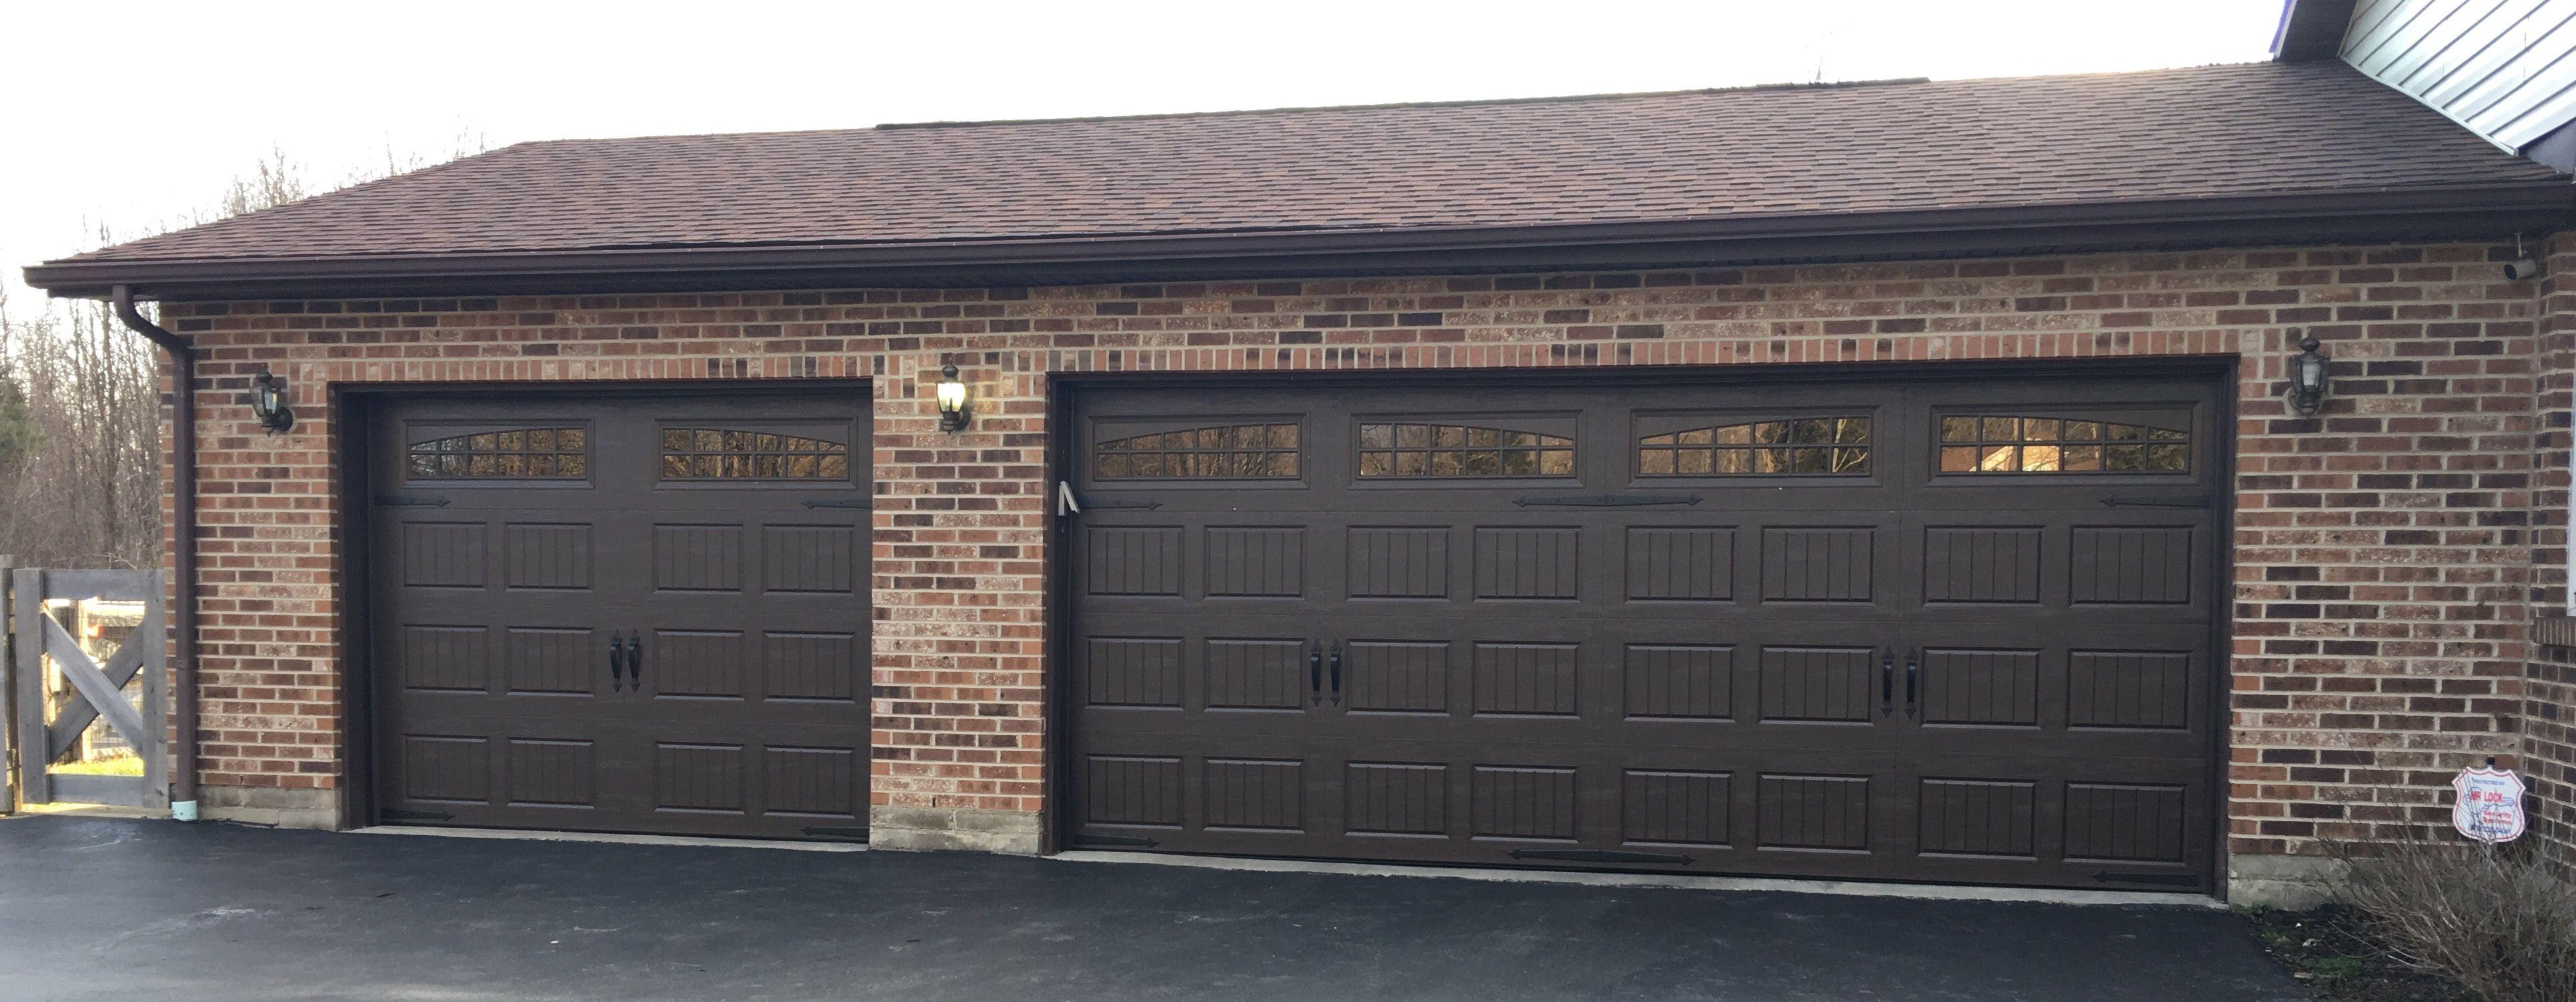 Amarr Garage Doors In Dark Brown House Exterior Garage Doors